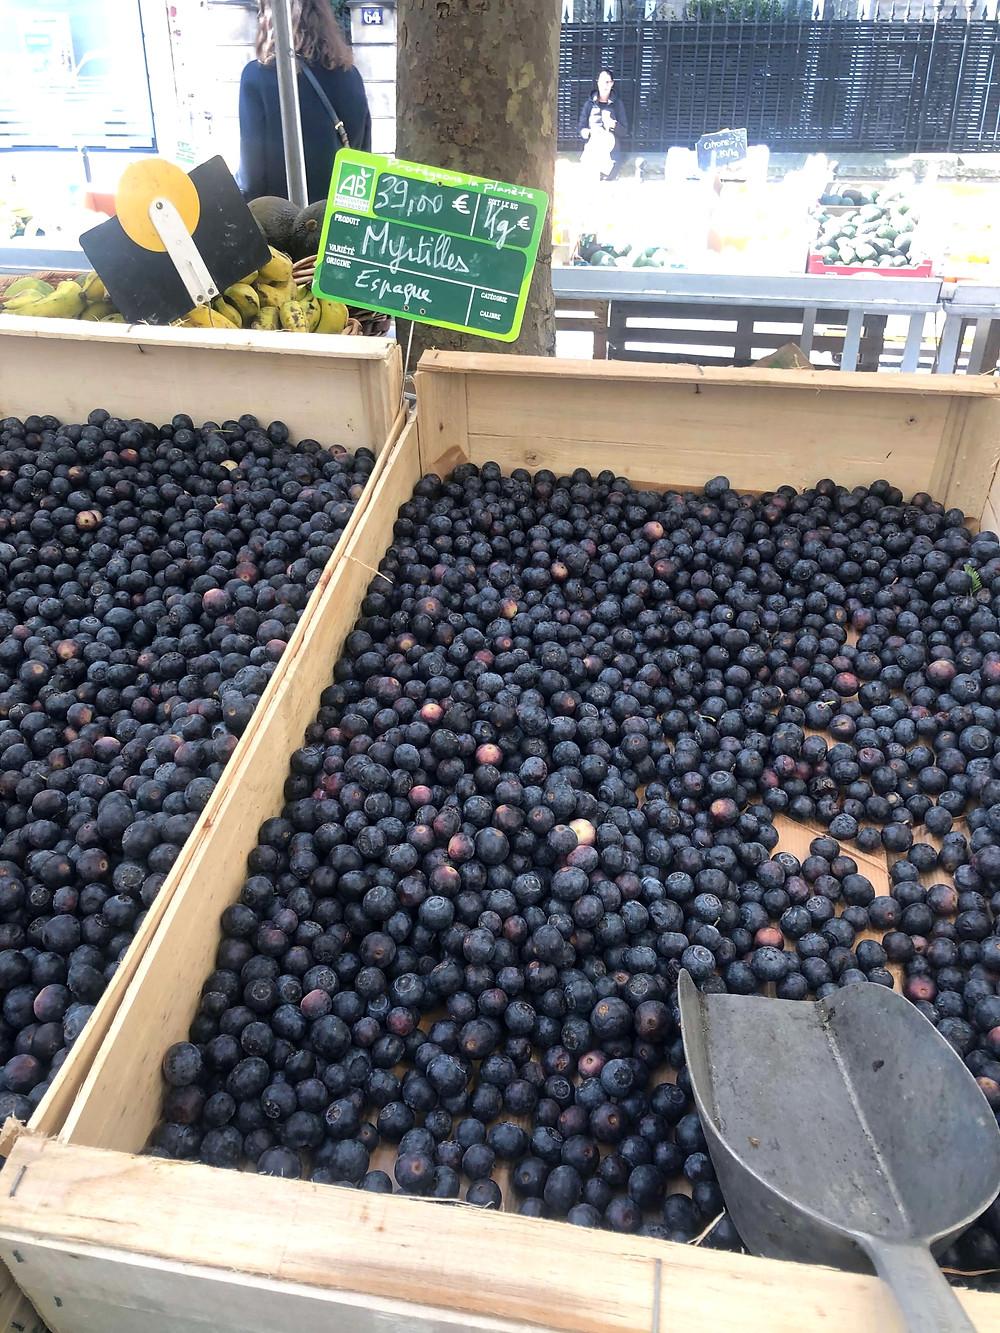 Organic blueberries at Marché biologique Raspail